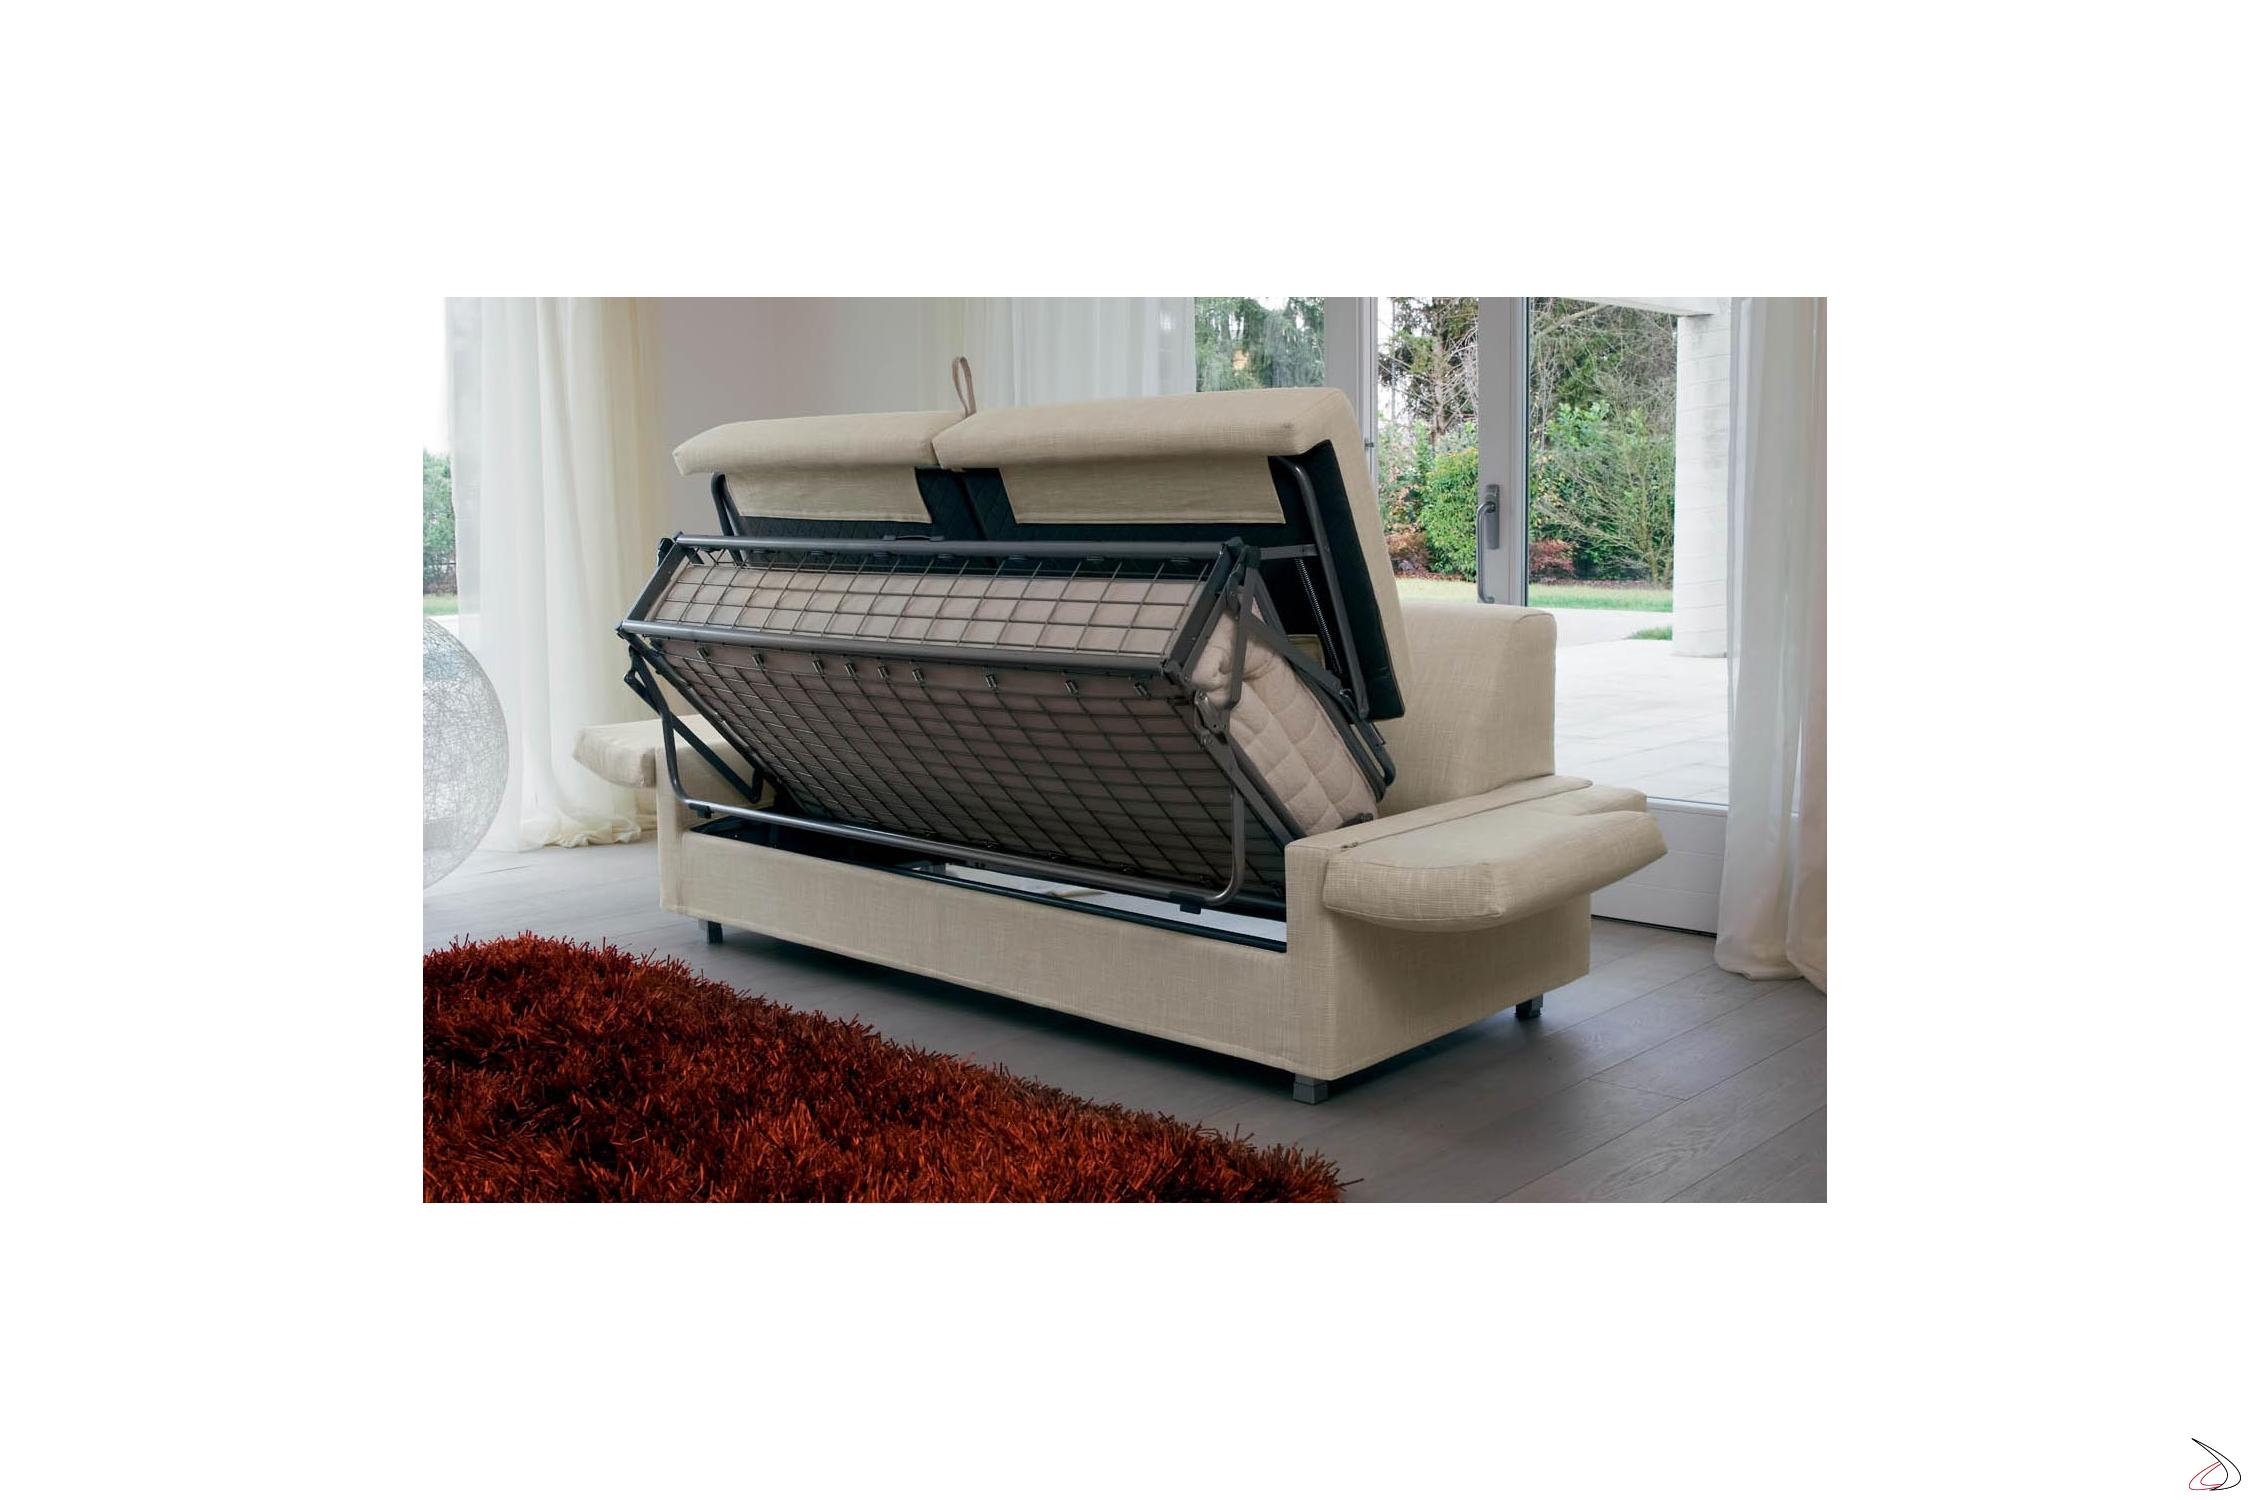 Divano 3 Posti Con Letto.Cougar Sofa Bed With Low Armrests Toparredi Arredo Design Online